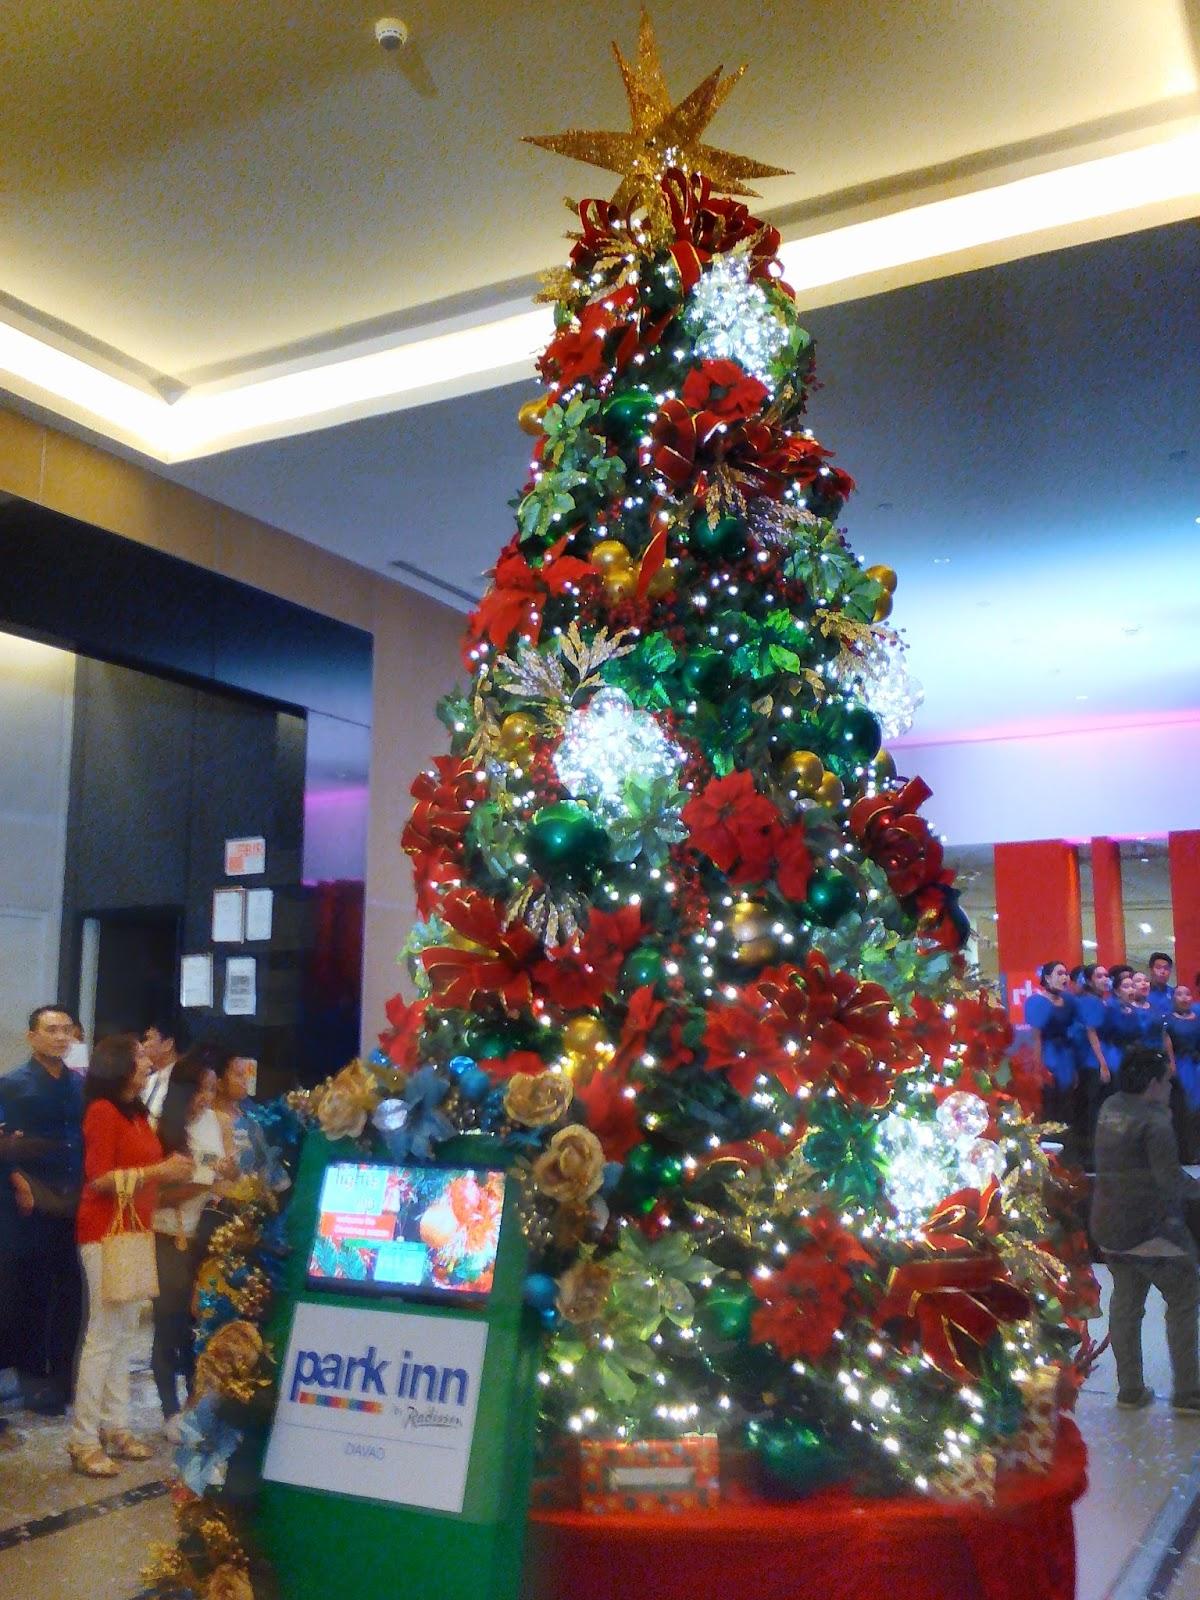 Lovin' Davao: Park Inn Hotel Lights Up Christmas Tree